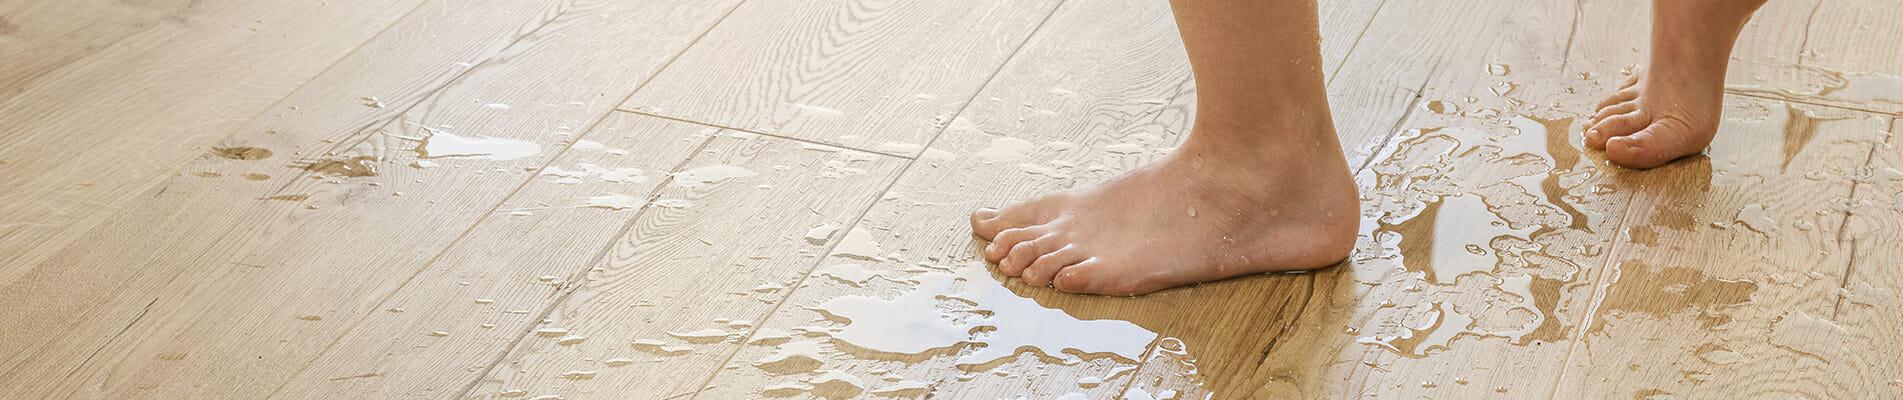 suelo de la cocina